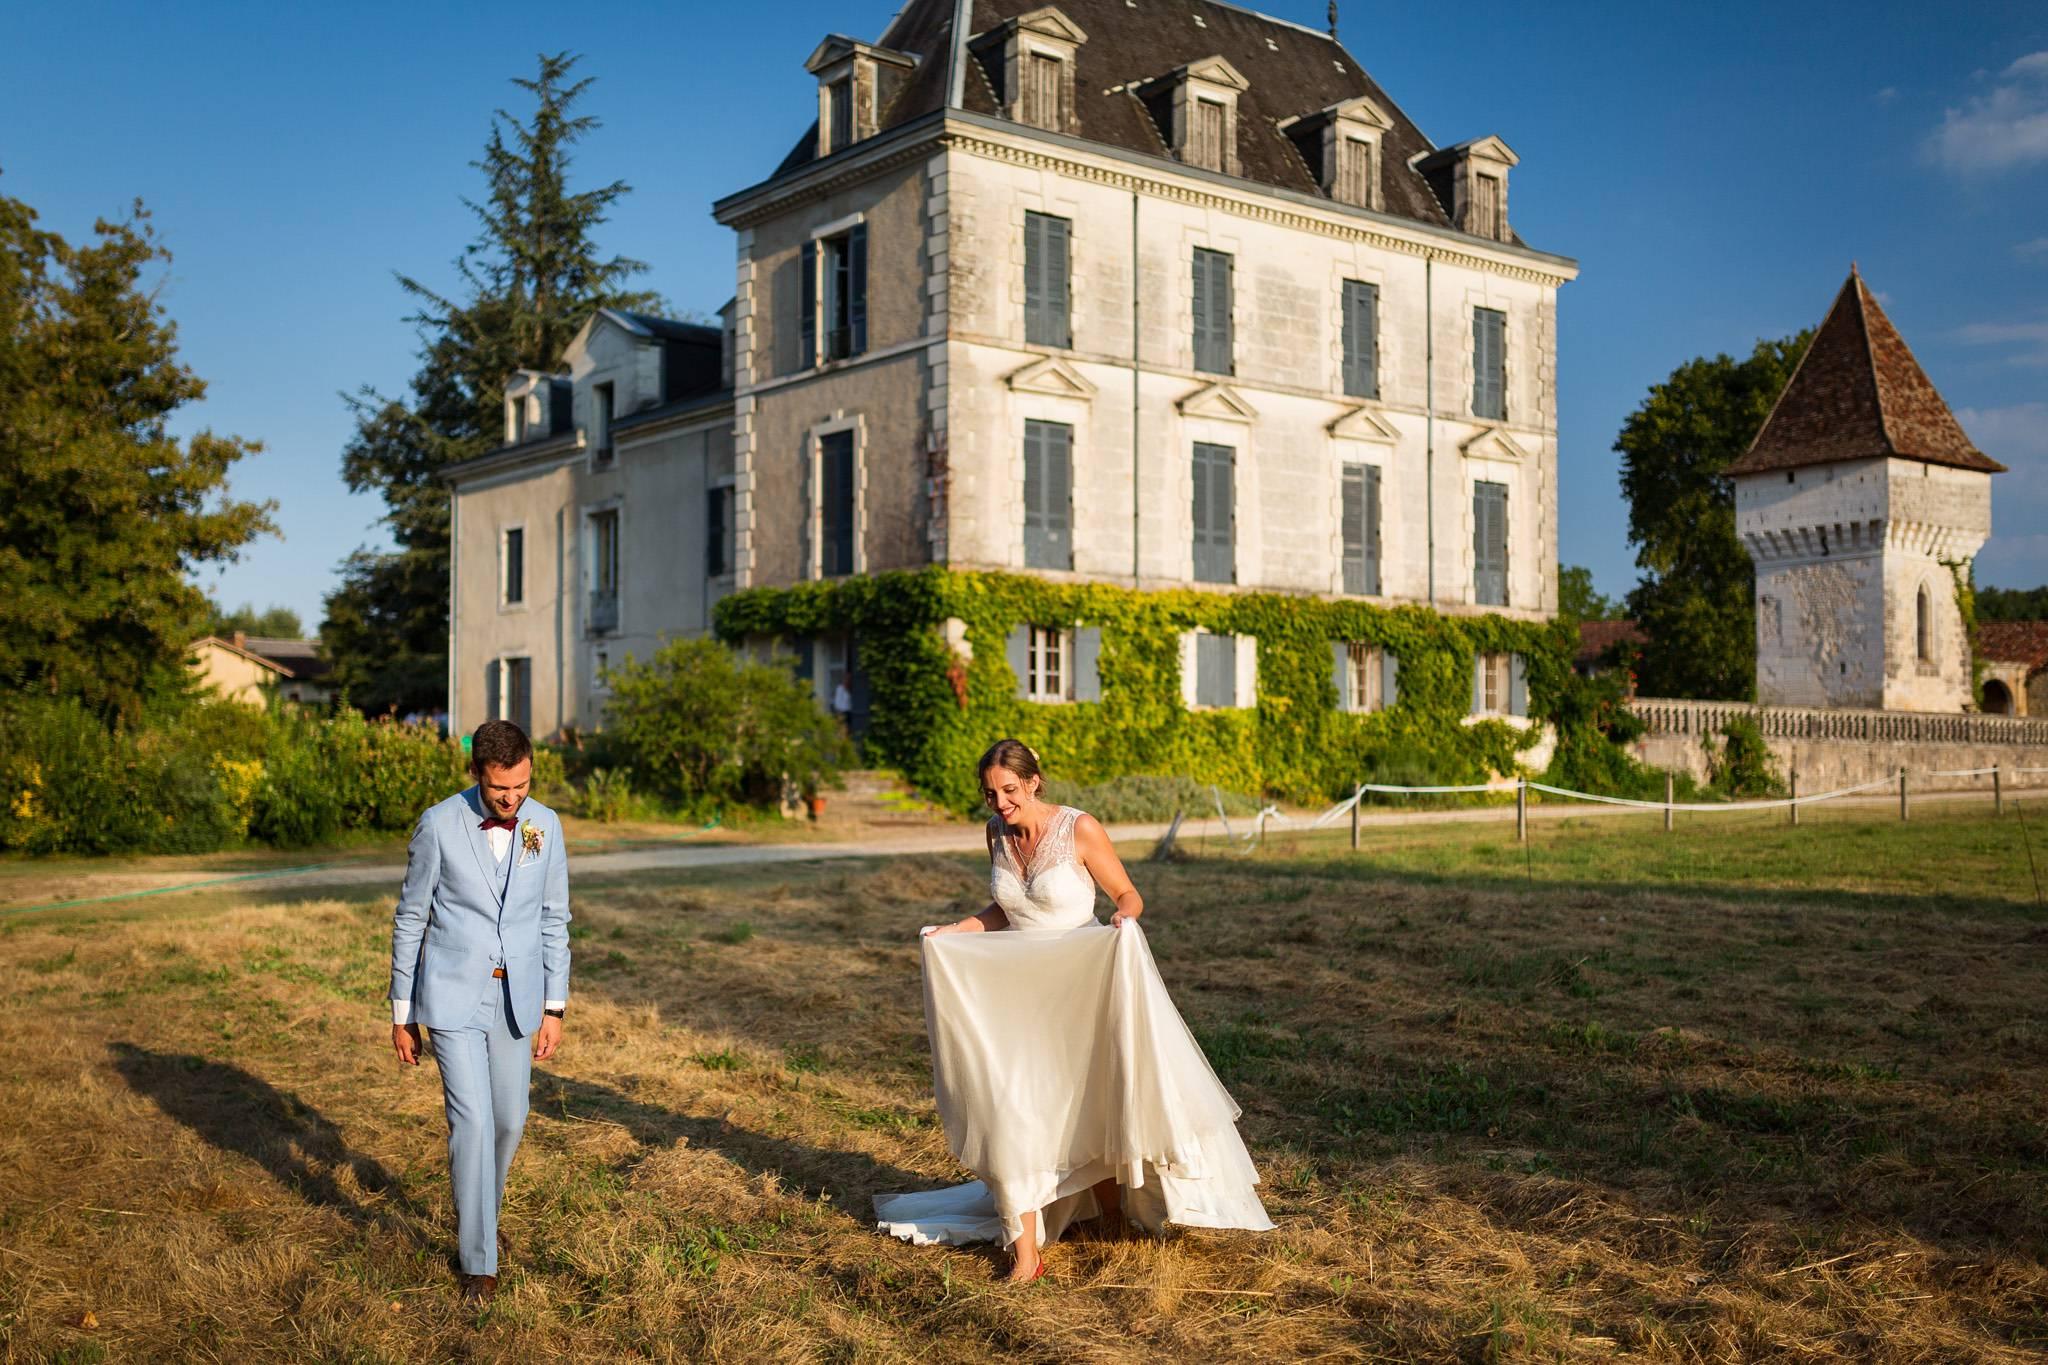 Reportage photo du mariage au Domaine de Montplaisir à Condat-sur-Trincou en Dordogne, avec Valérie et Adrien, sur le thème de l'aventure.